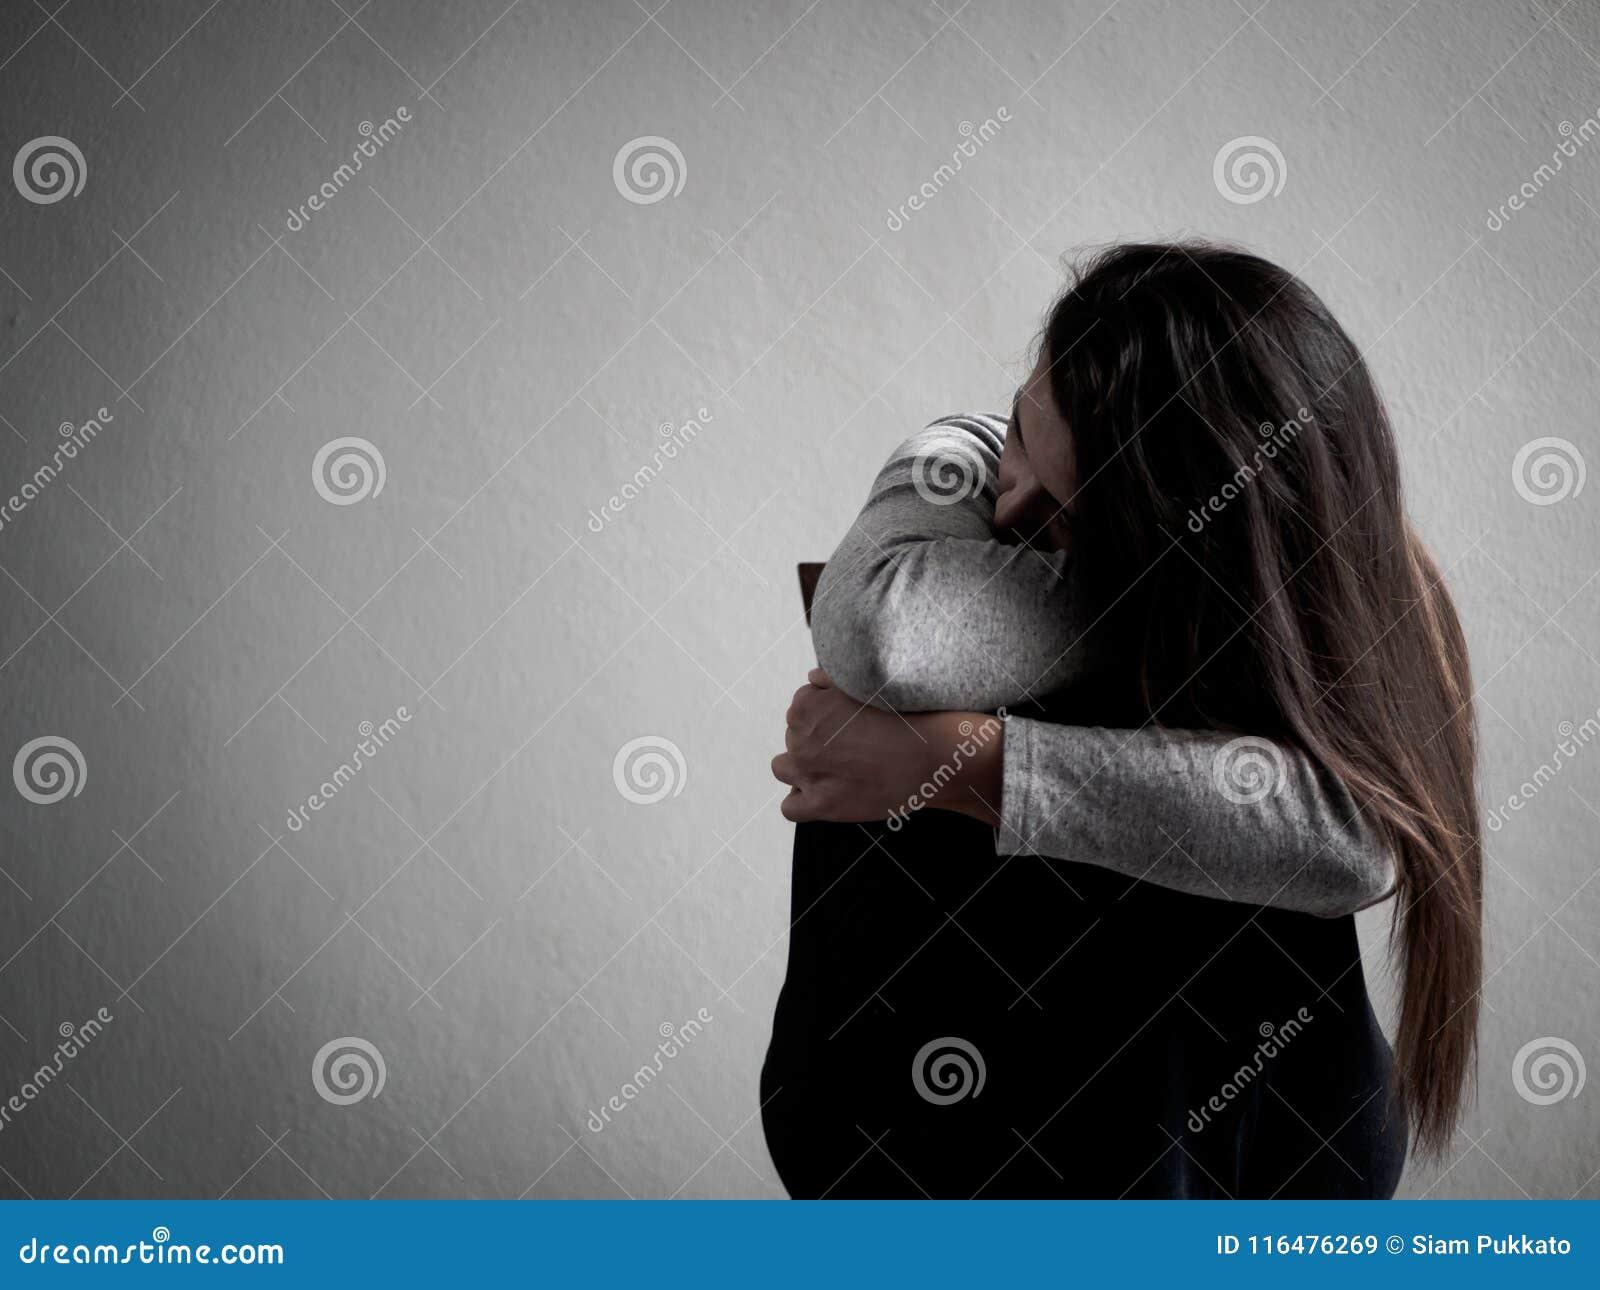 Depressed Broken Hearted Woman Sitting Alone In Dark Room ...